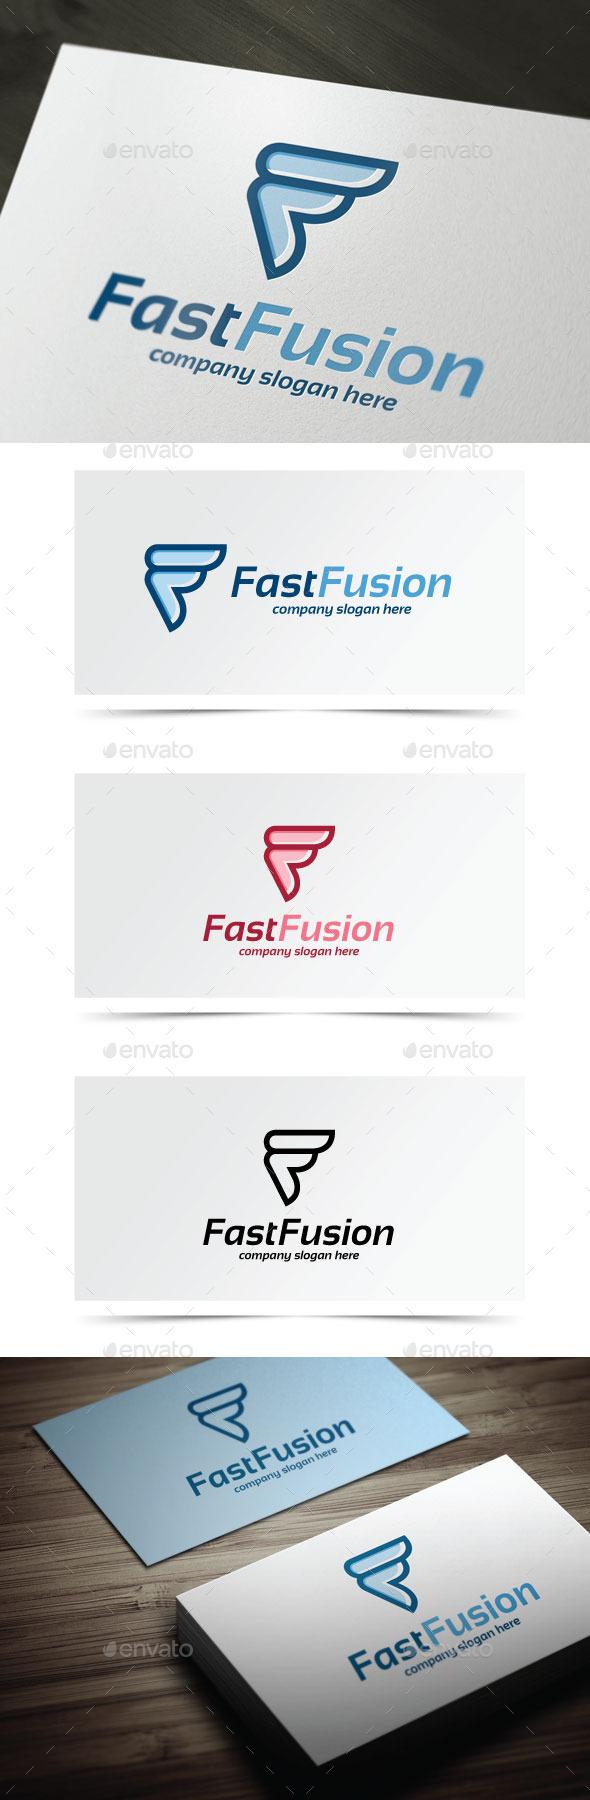 GraphicRiver Fast Fusion 9059104